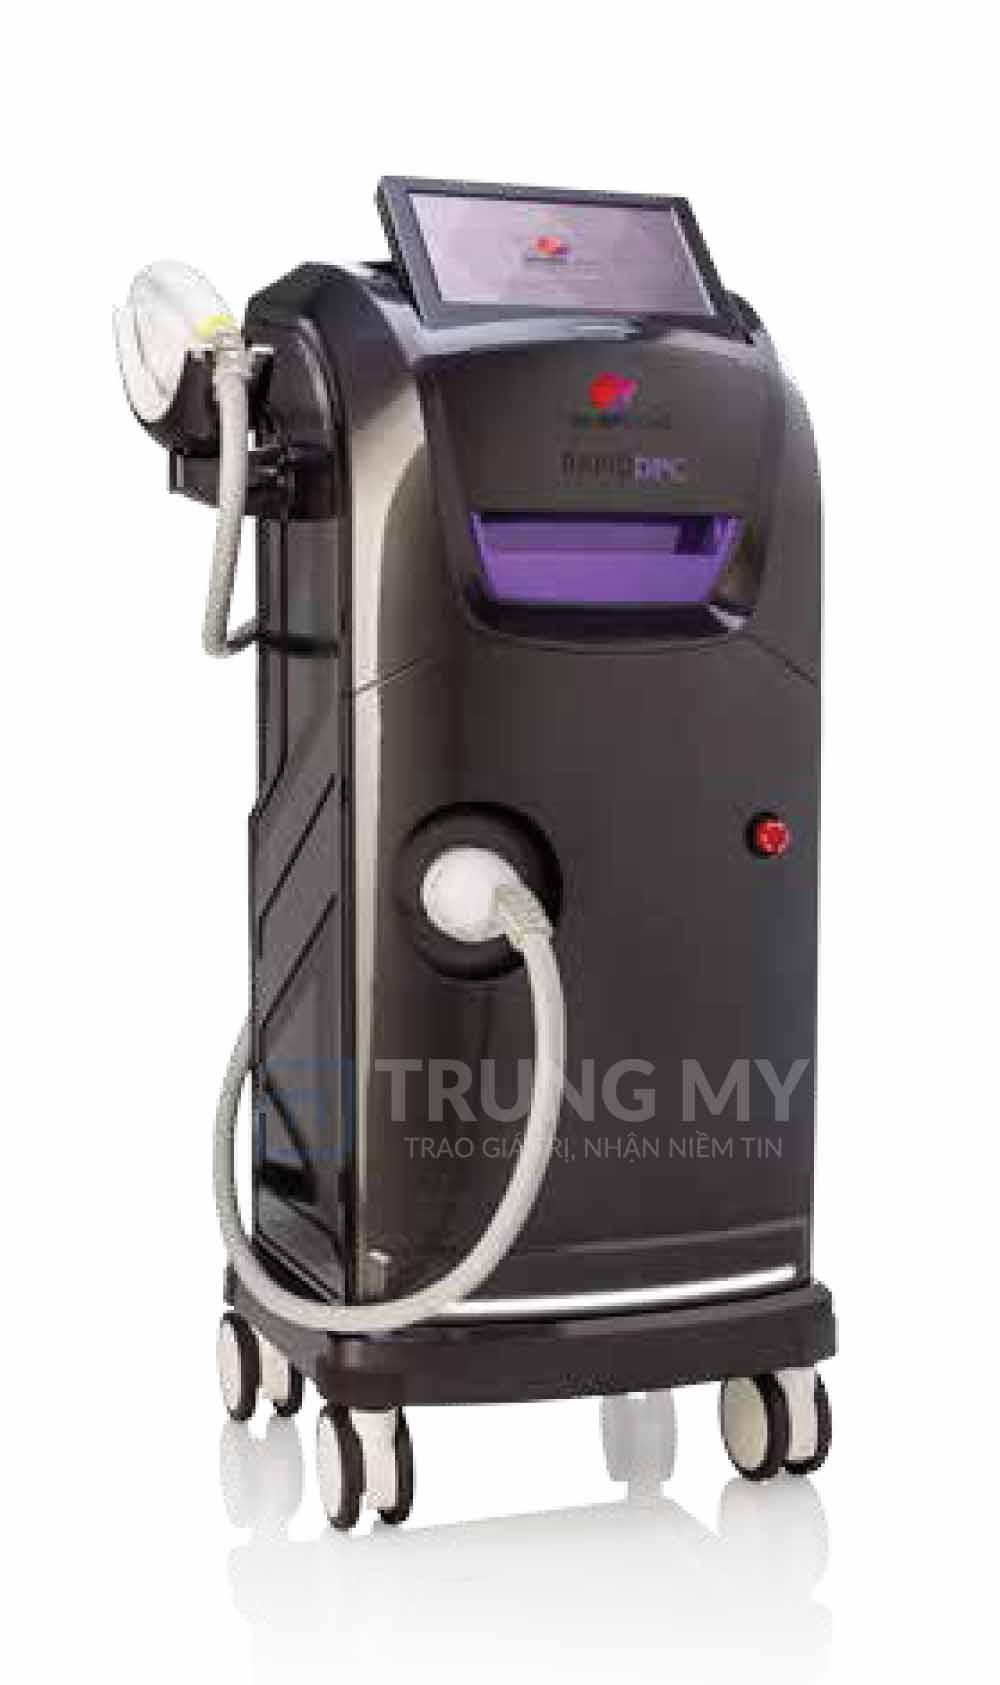 Hình ảnh máy triệt lông Rapid DPC. Triệt lông bằng công nghệ IPL là gì?